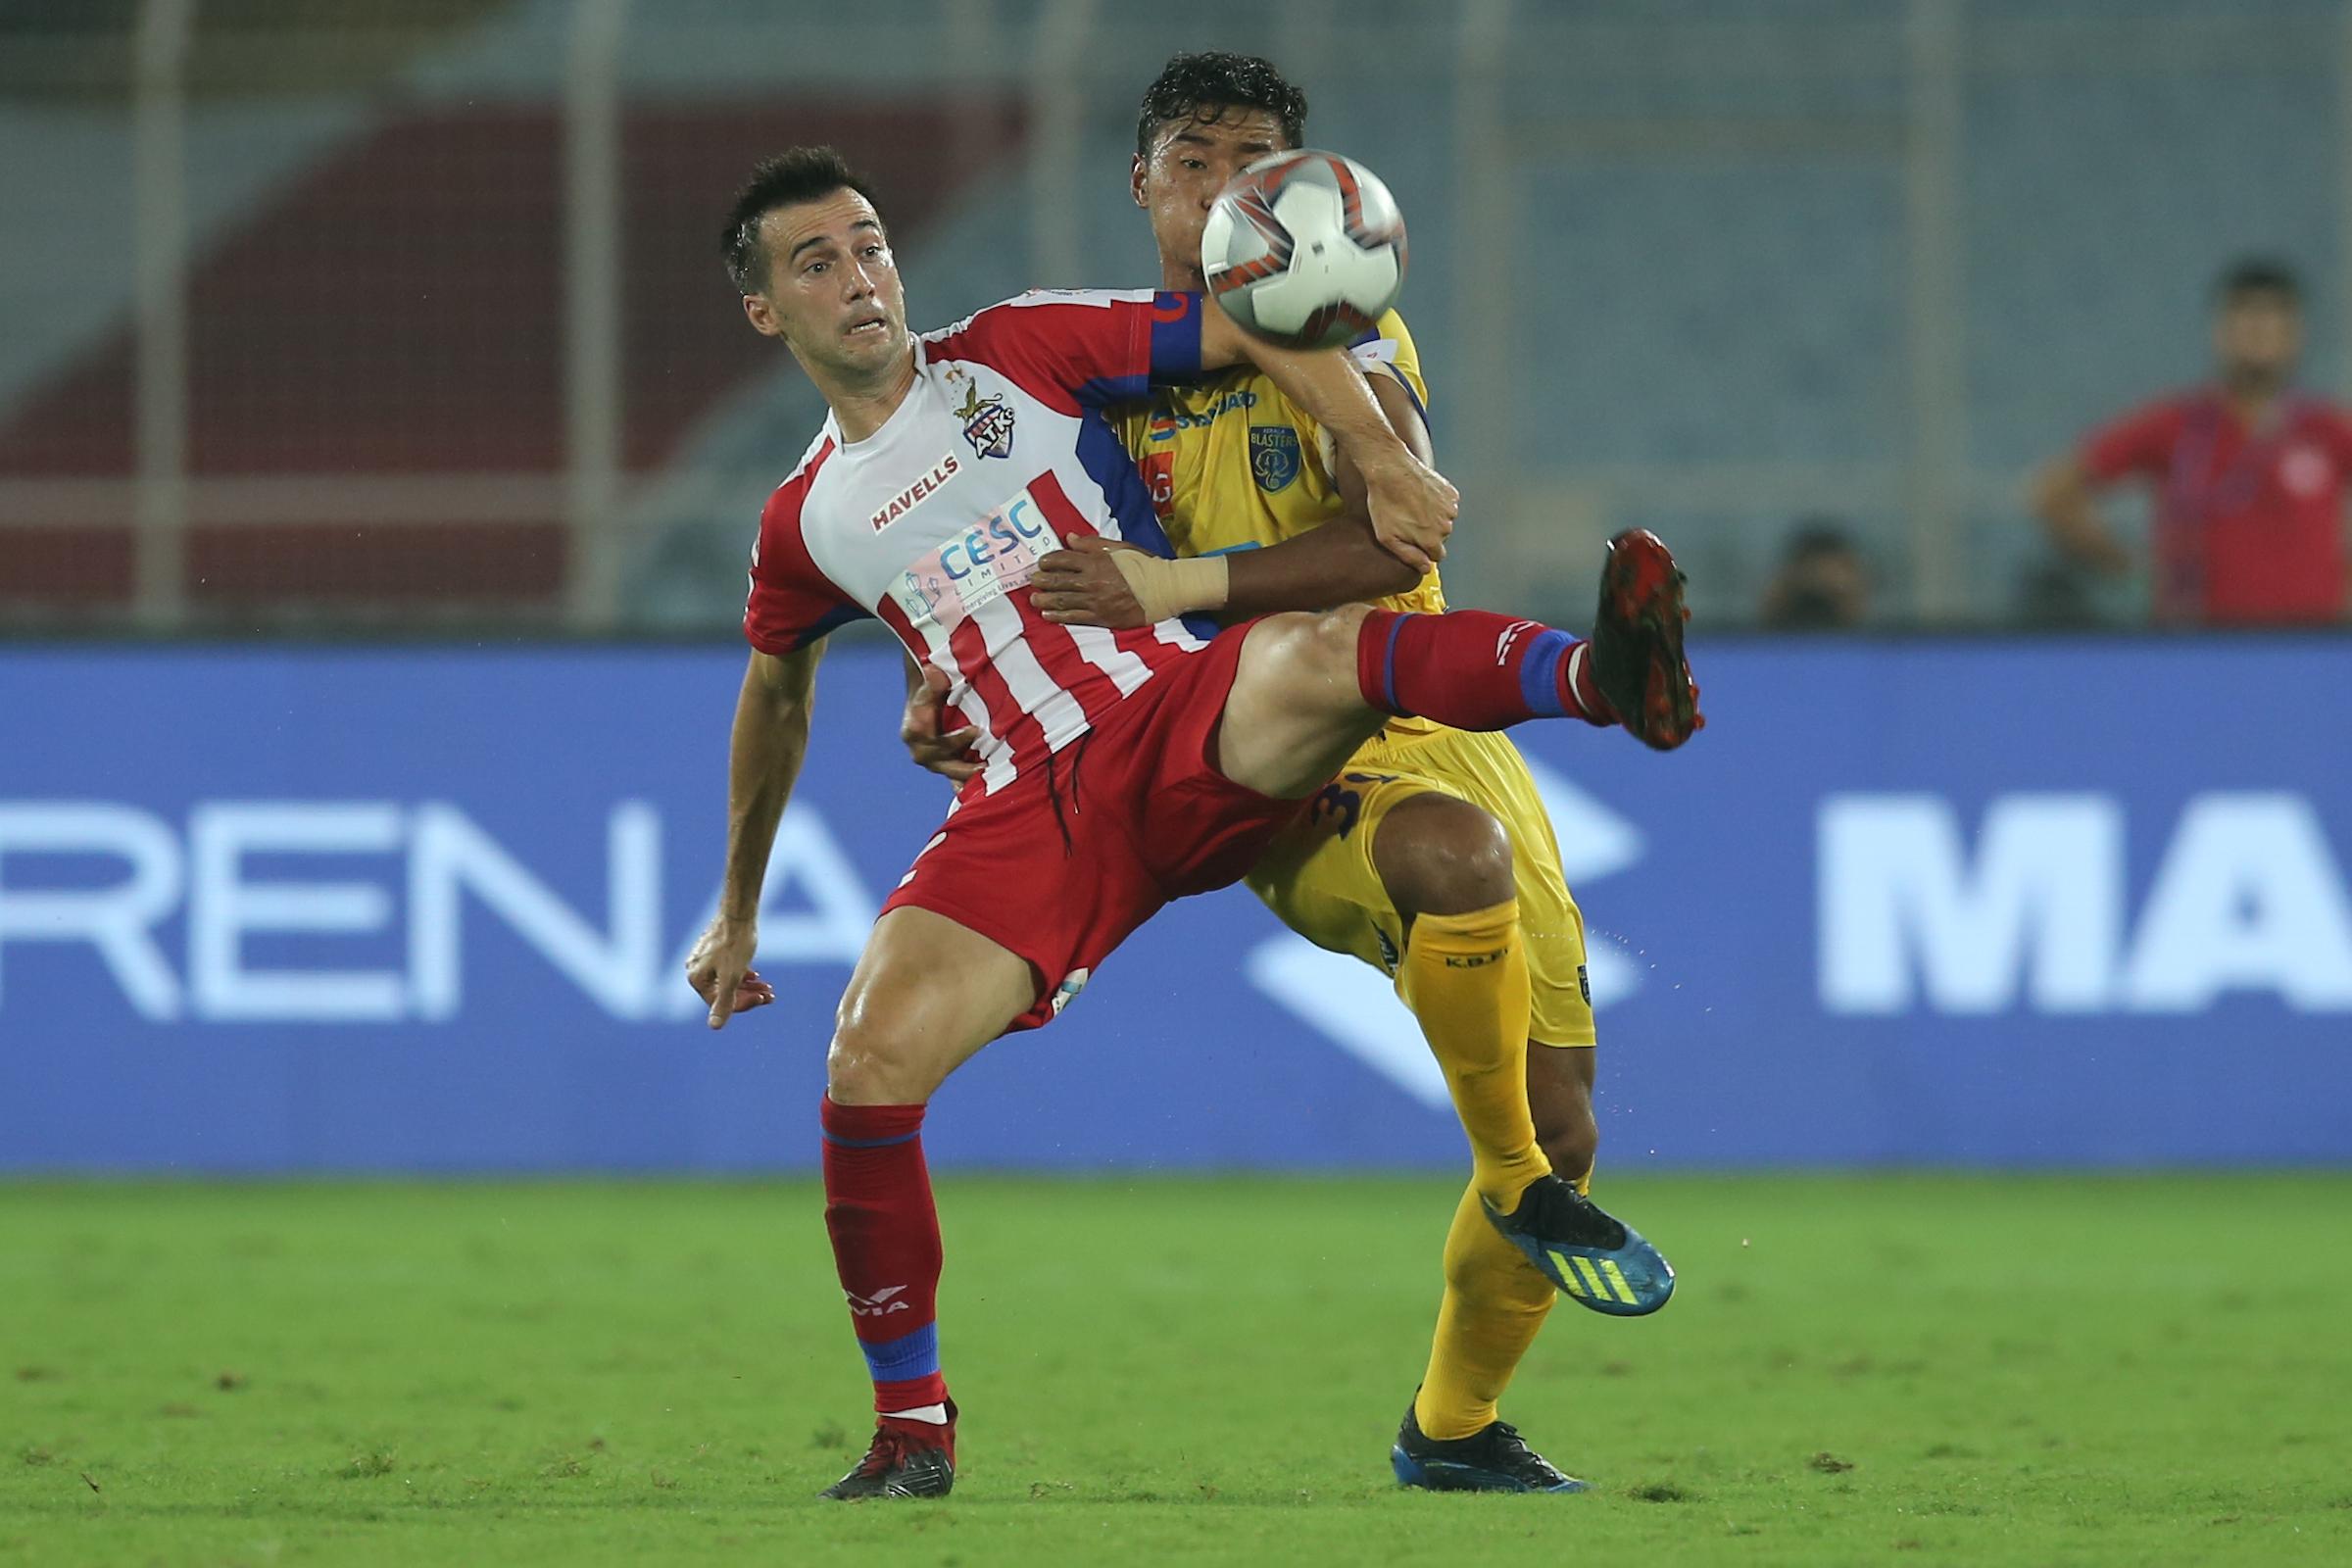 Manuel Lanzarote ATK Kerala Blasters ISL 2018-19